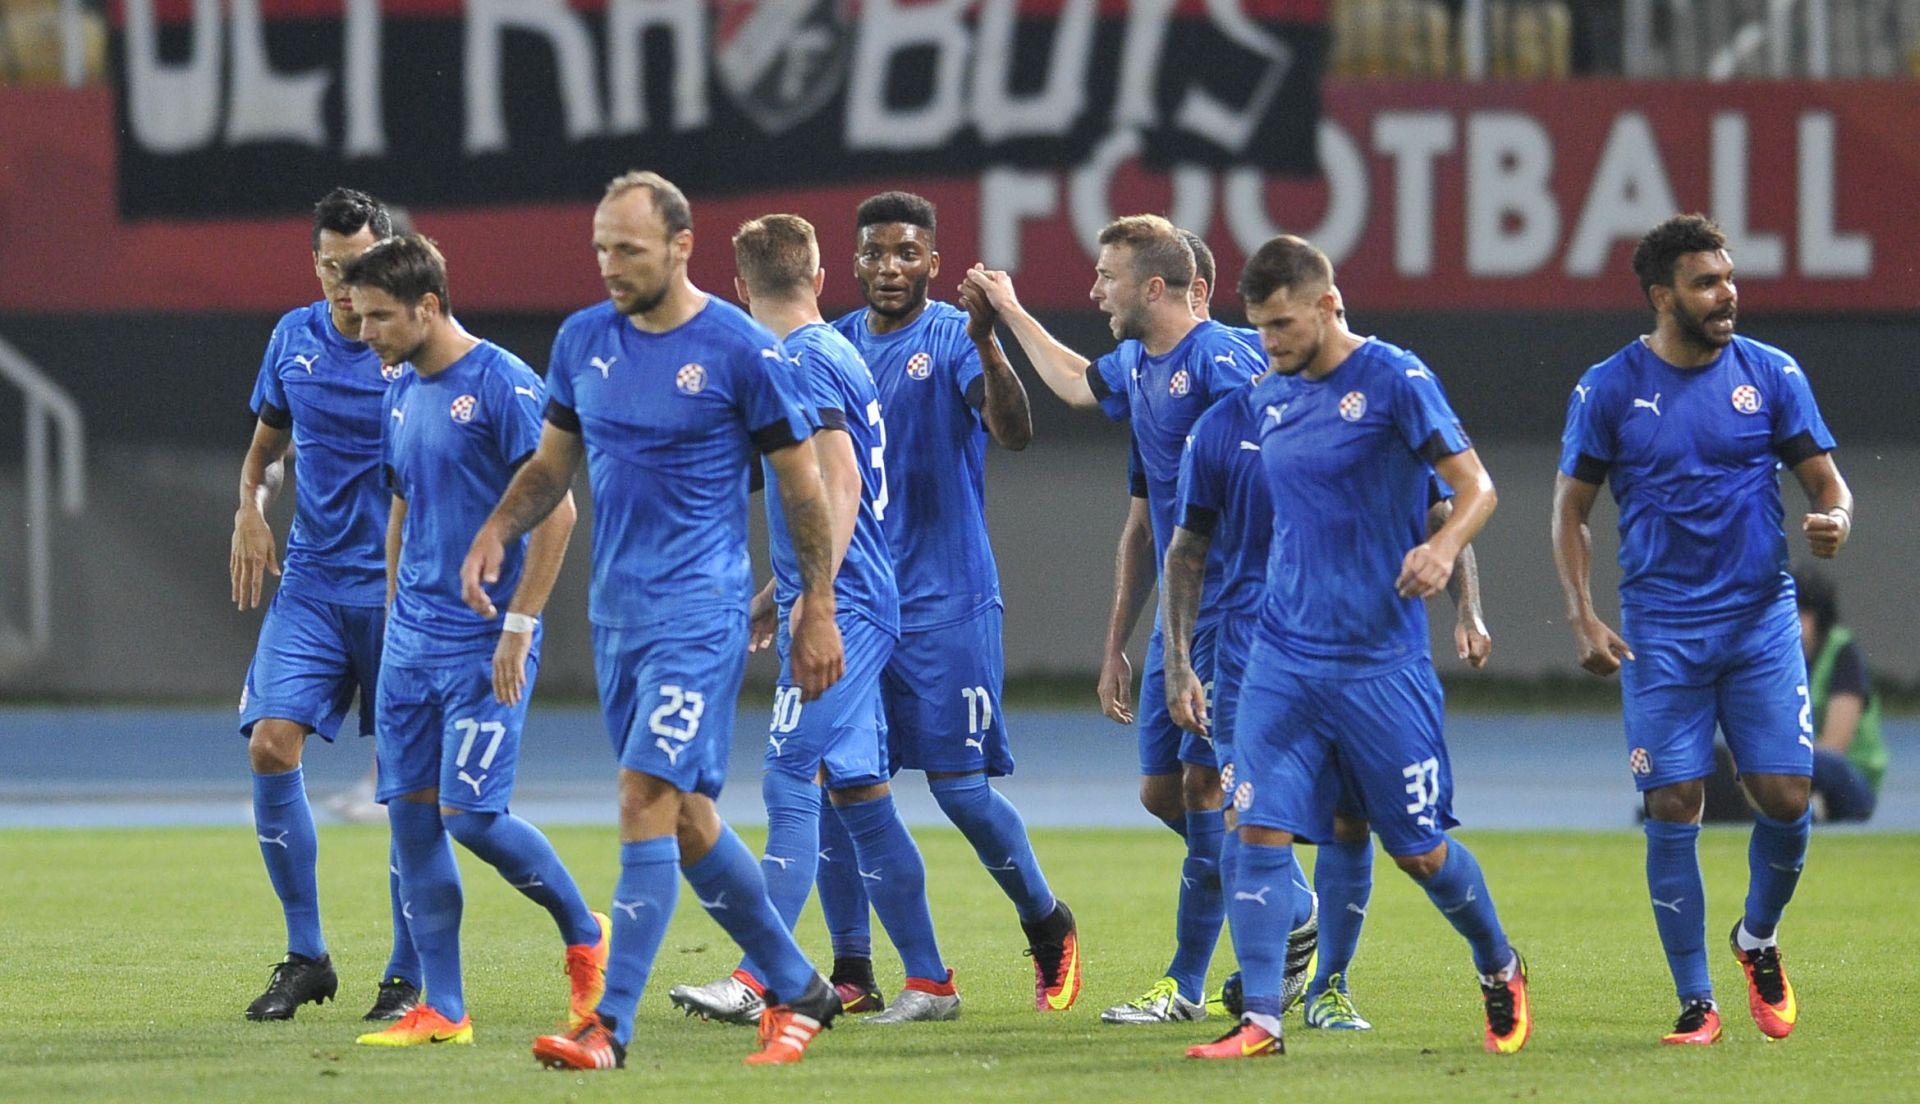 LIGA PRVAKA Dinamo saznao protivnika u trećem pretkolu